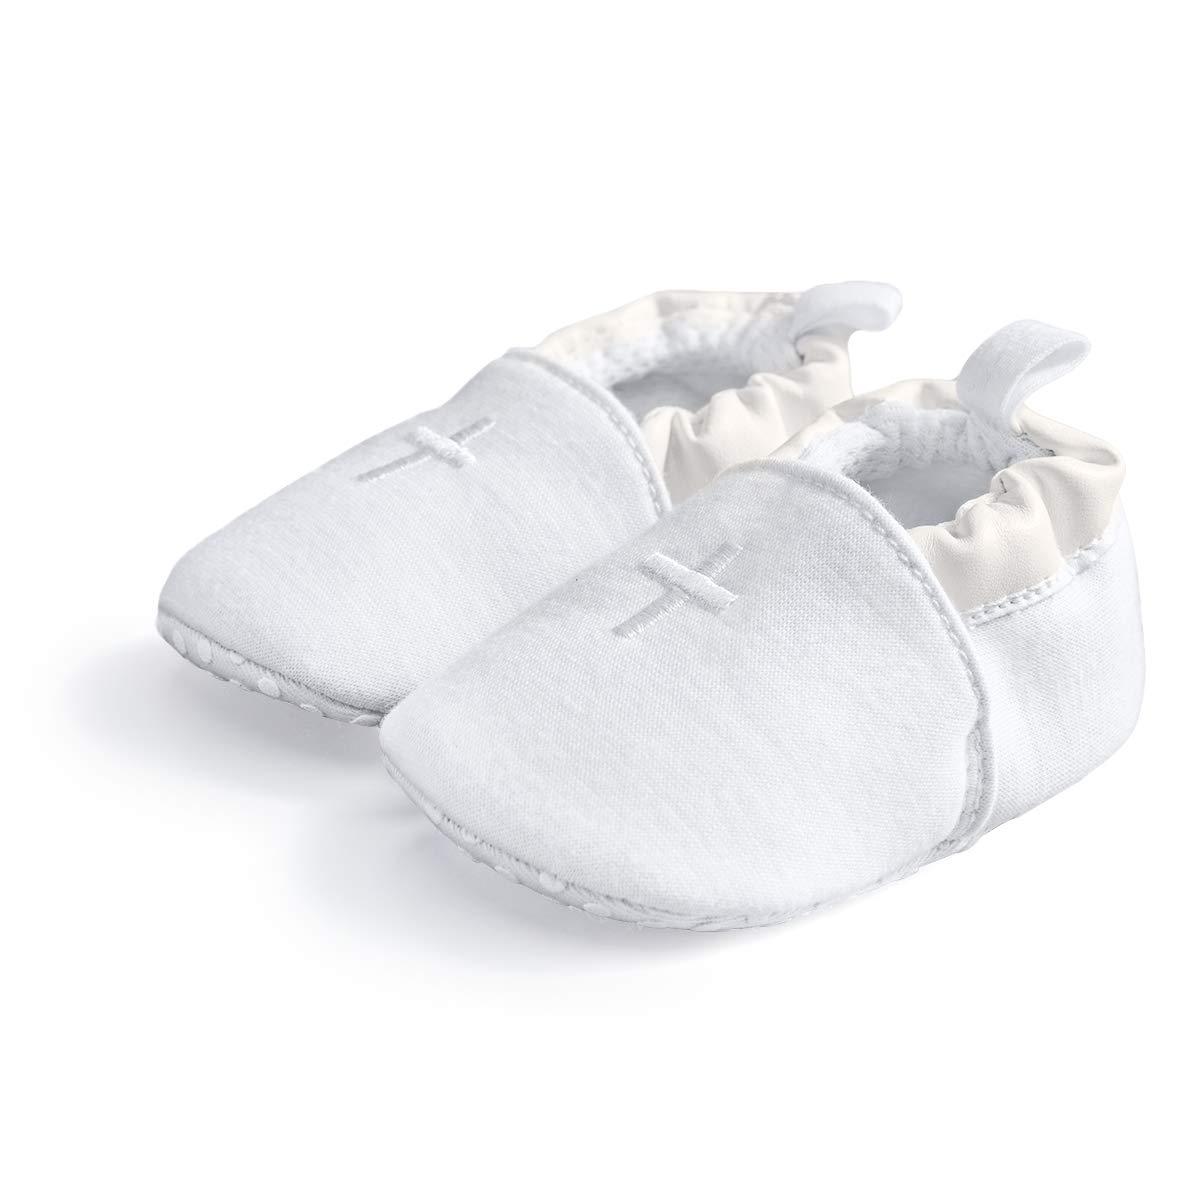 HAPIU Baby Baptism Shoes,Premium Soft Sole Infant Sneaker,Prewalker Shoes,3-6M